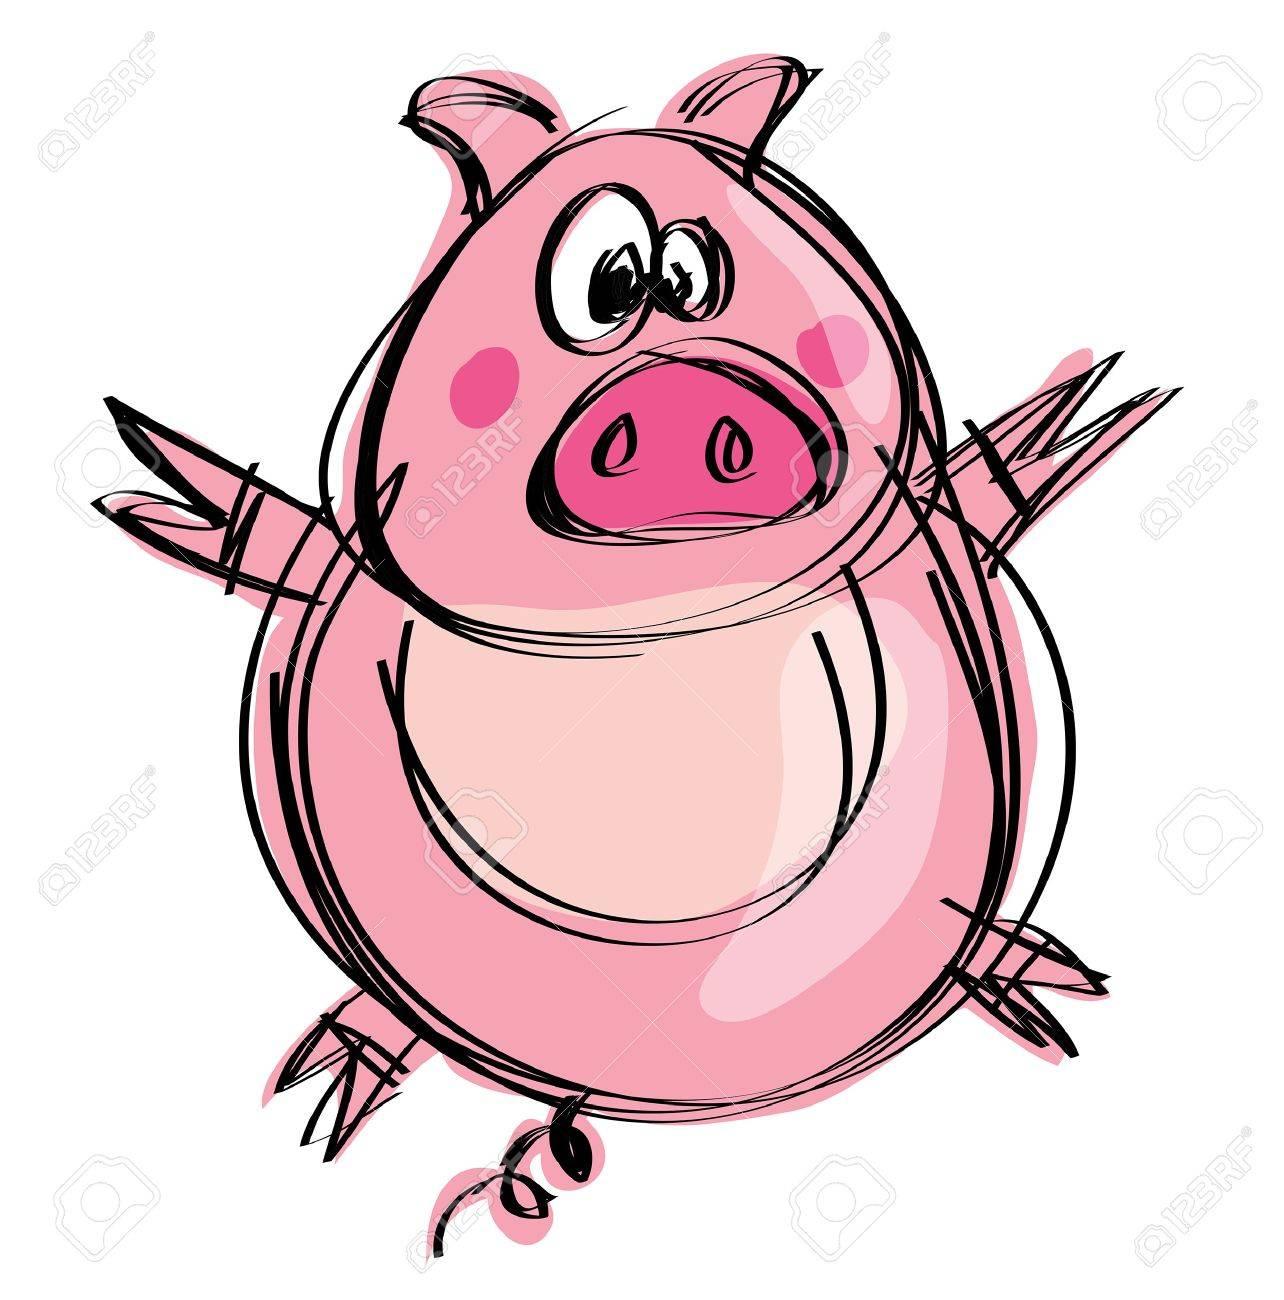 Cartoon Funny Naif Baby Pig In A Naif Childish Drawing Style